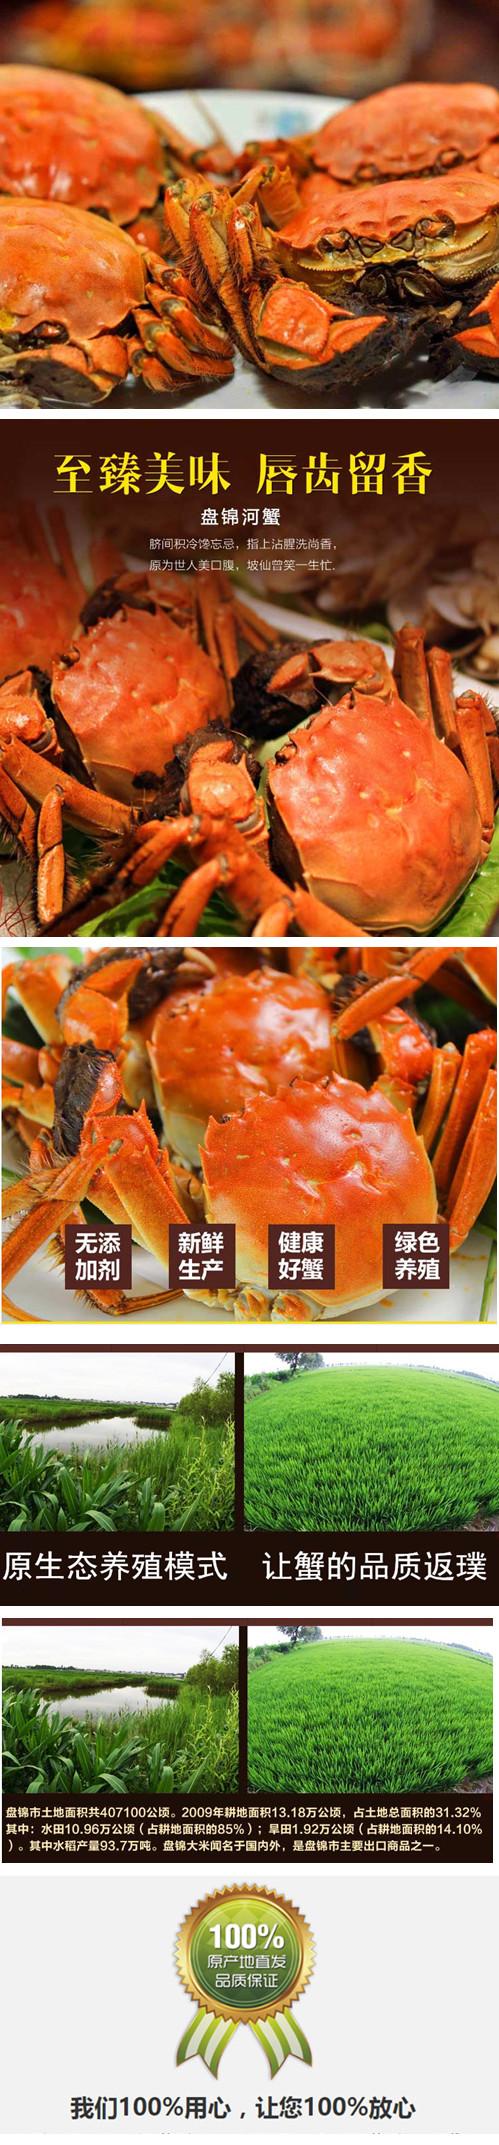 盤錦河蟹多少錢一盒